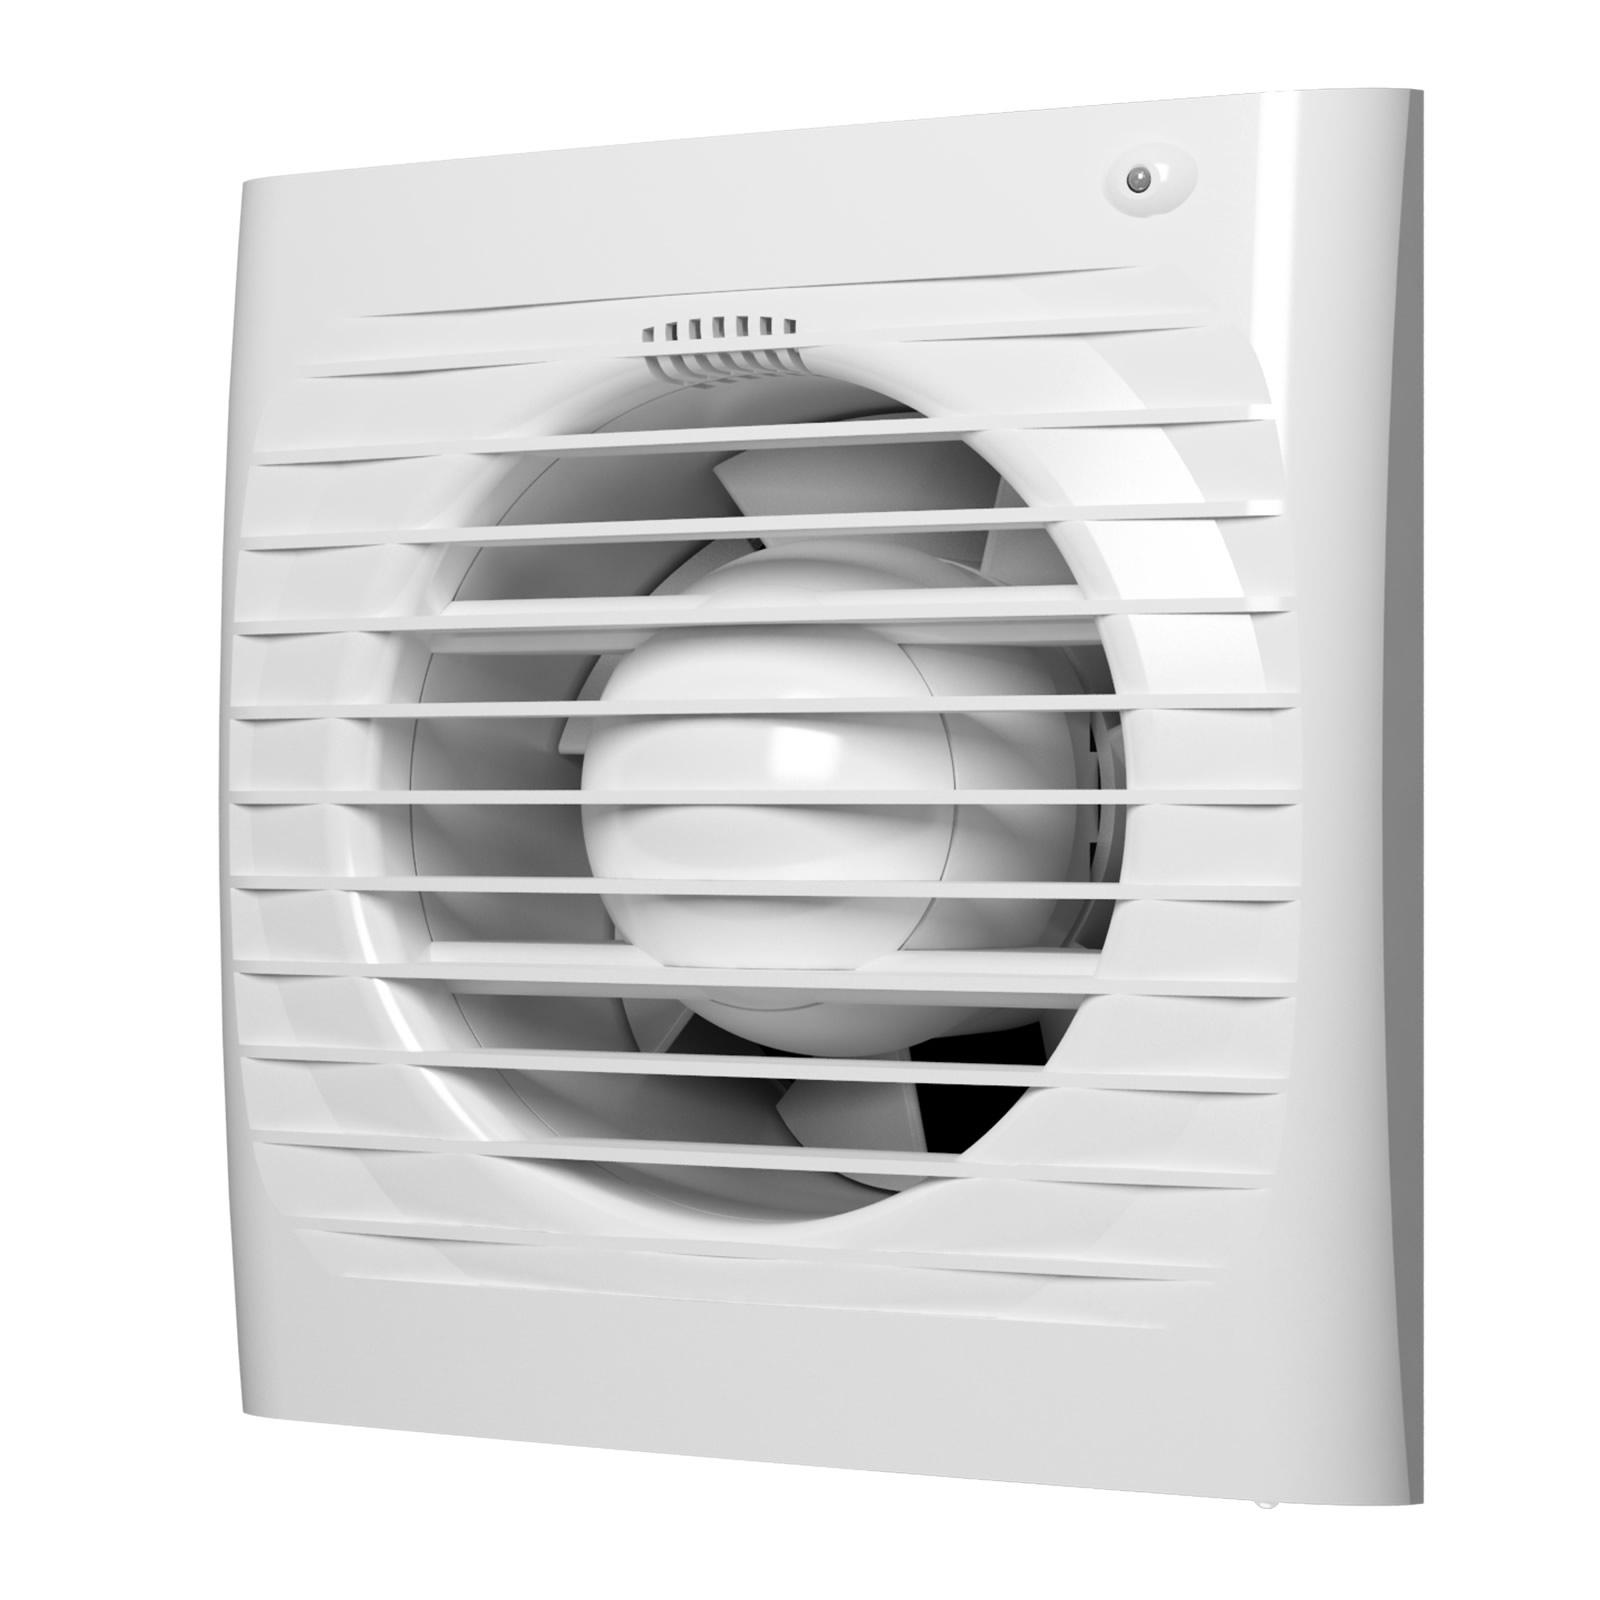 Осевой вентилятор с антимоскитной сеткой Era '6s ht